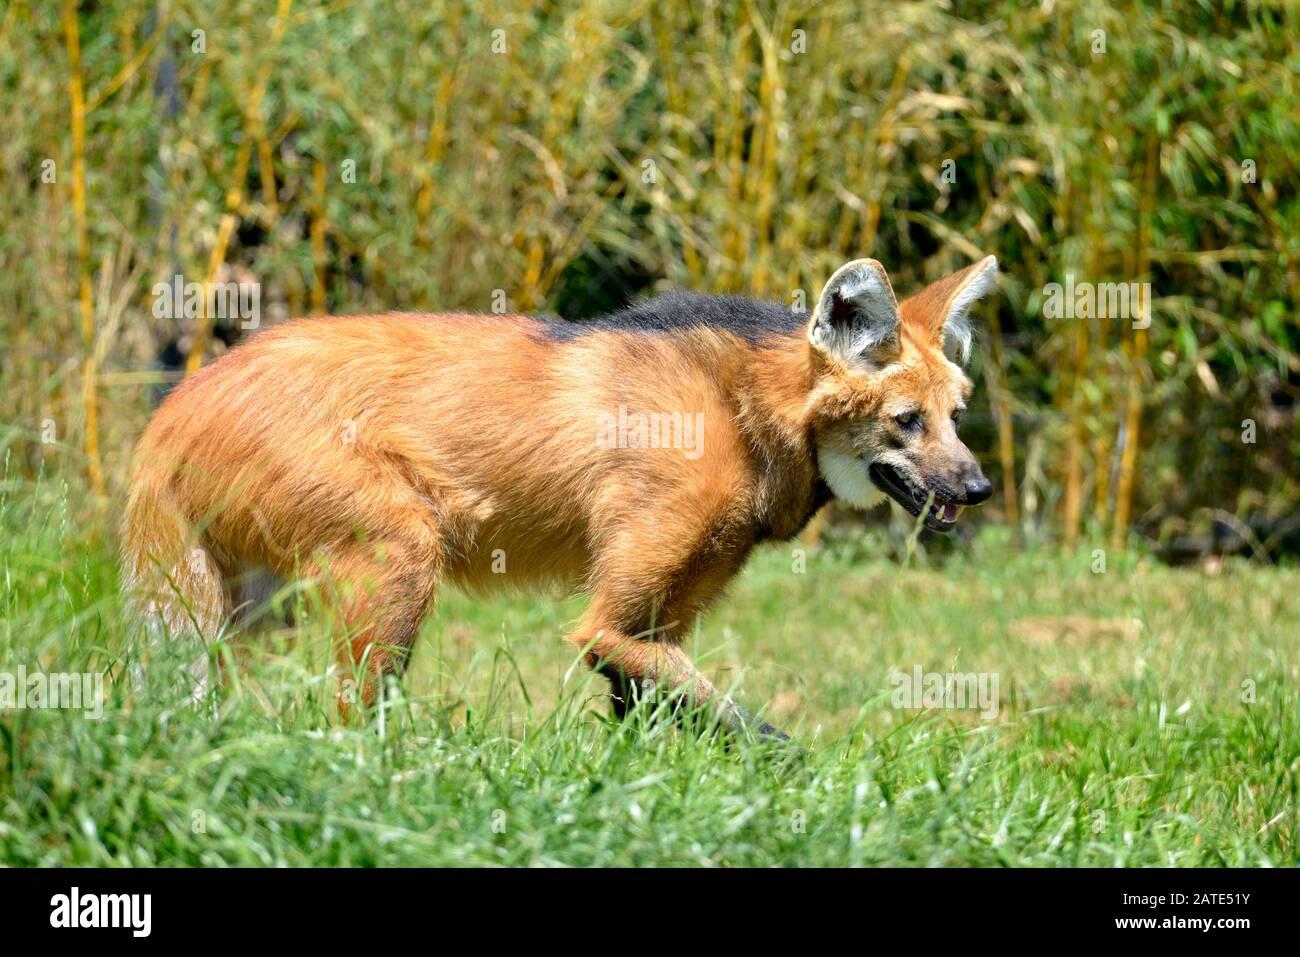 Loup mané (Chrysocyyon brachyurus) marchant dans l'herbe et vu du profil, la bouche ouverte Banque D'Images